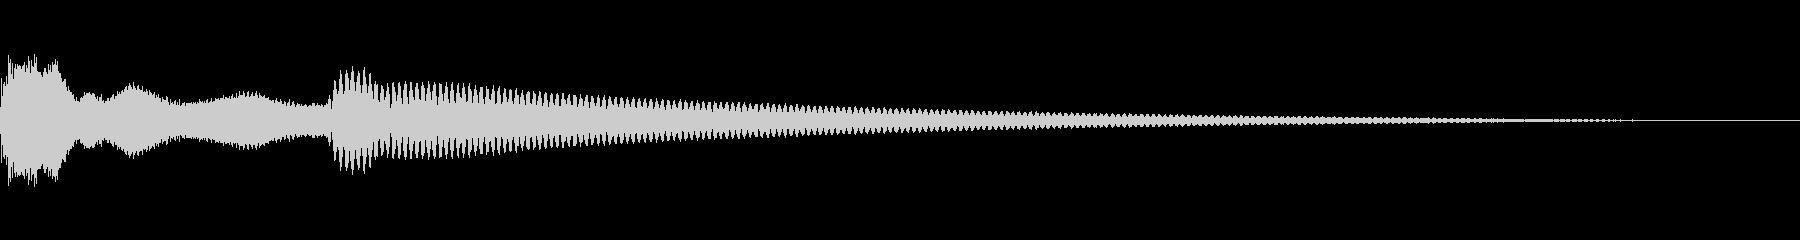 エレクトリックドアベル:リングドアベルの未再生の波形